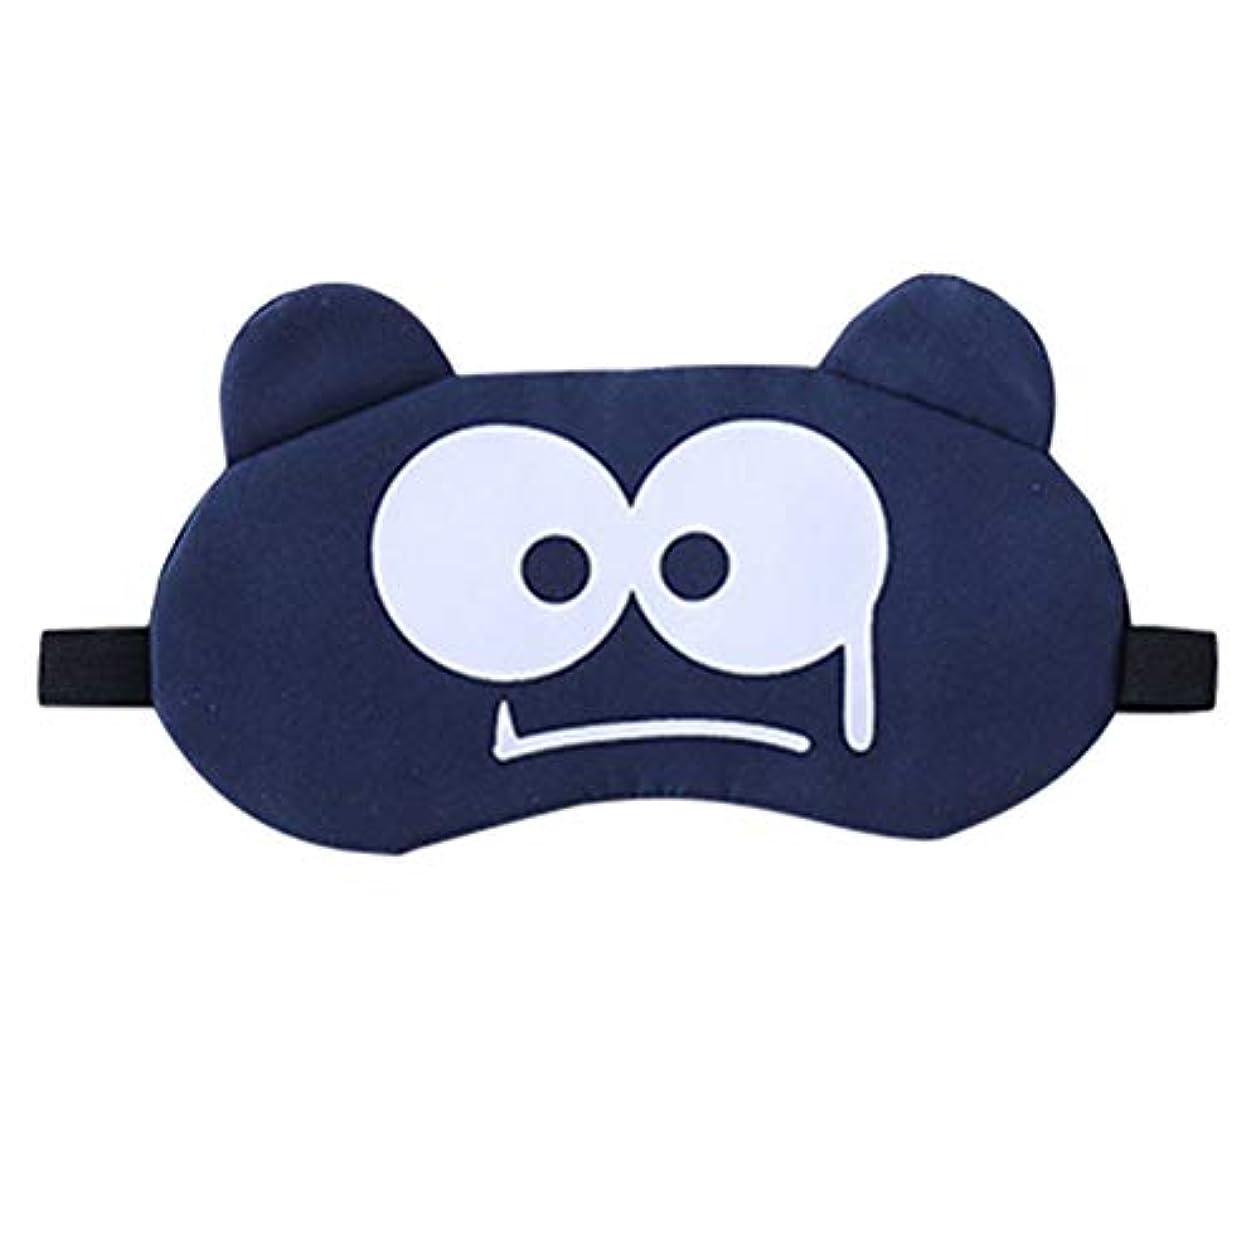 サスティーン拡張摂氏度Lurrose 冷却アイマスク日陰昼寝カバー面白い目隠し休憩援助疲労軽減通気性アイパッチ